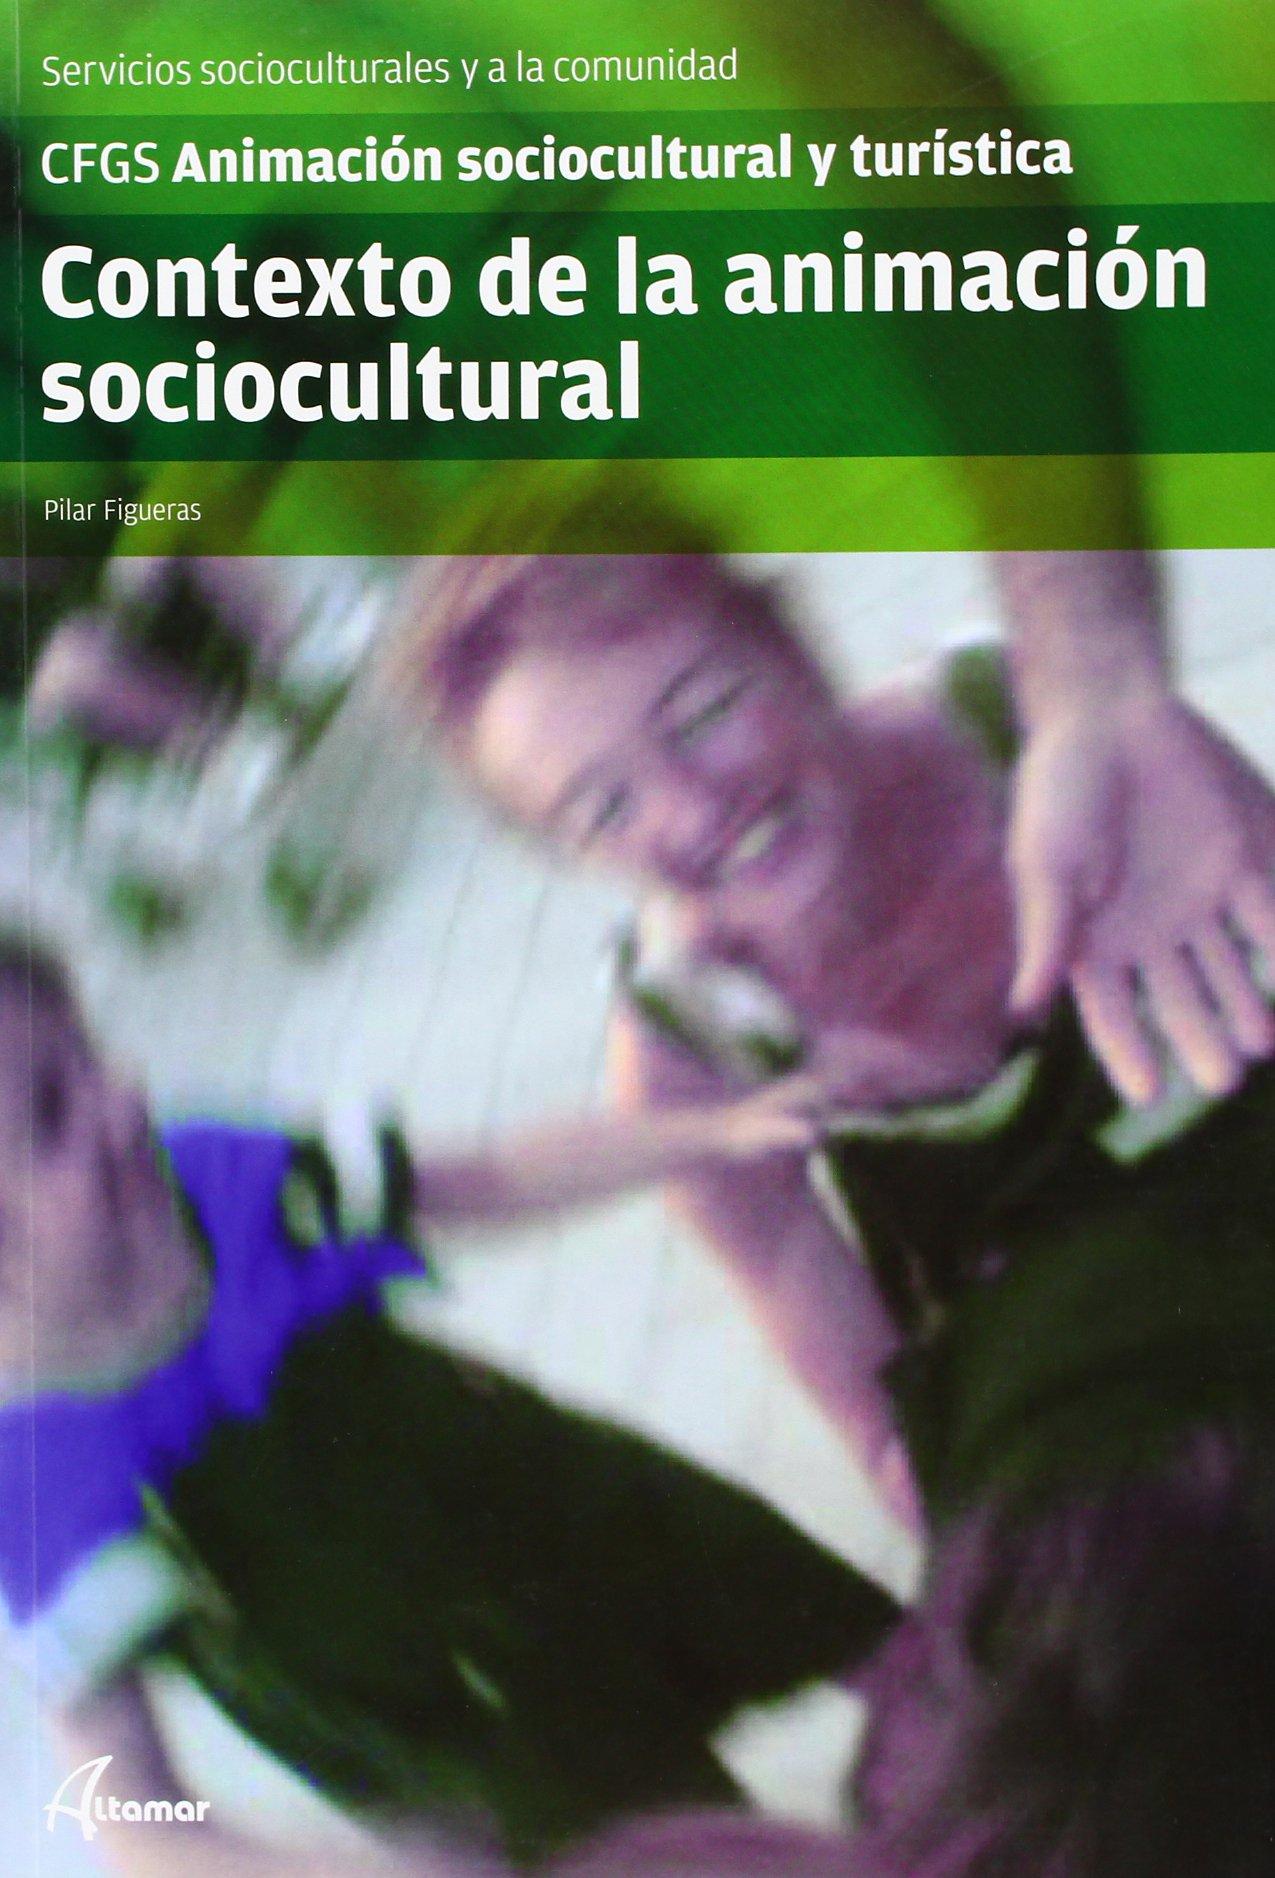 Contexto de la animación sociocultural (CFGS ANIMACIÓN SOCIOCULTURAL Y TURÍSTICA) Tapa blanda – 1 ene 2013 P. Figueras Editorial Altamar 8415309090 Sociedad Y Cultura: General